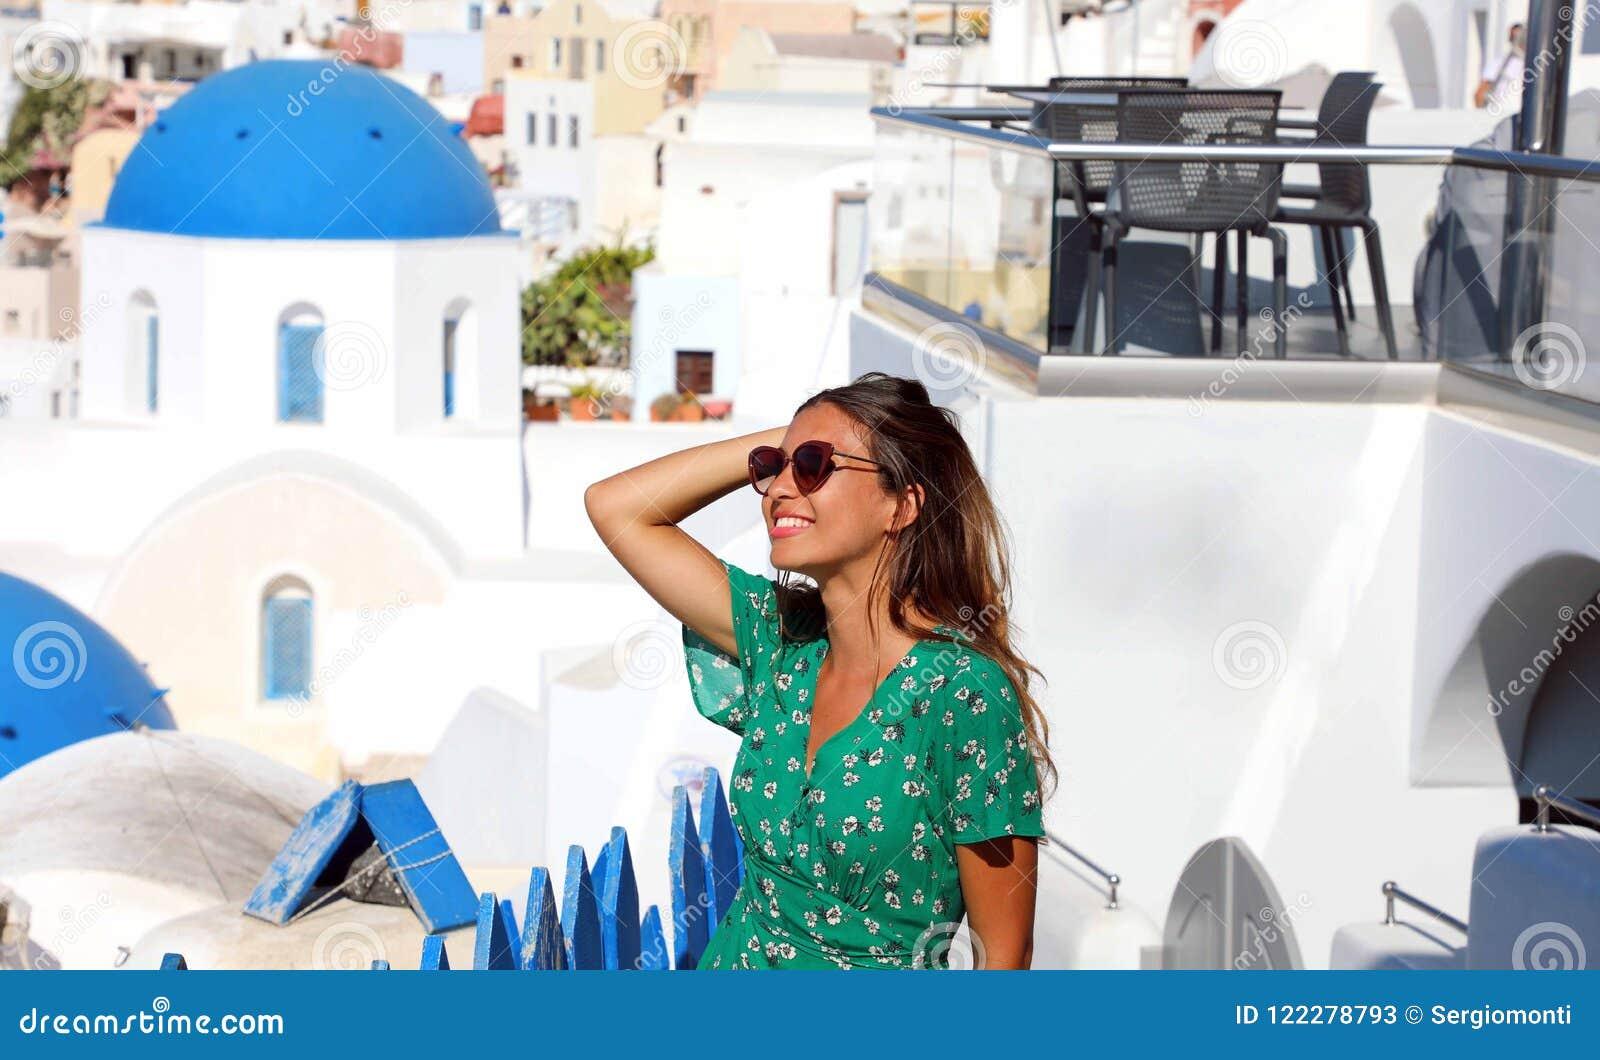 Con En Atractivo Bronceada Las Bonita Mujer Moda De Santorini Modelo 4ALj35qR